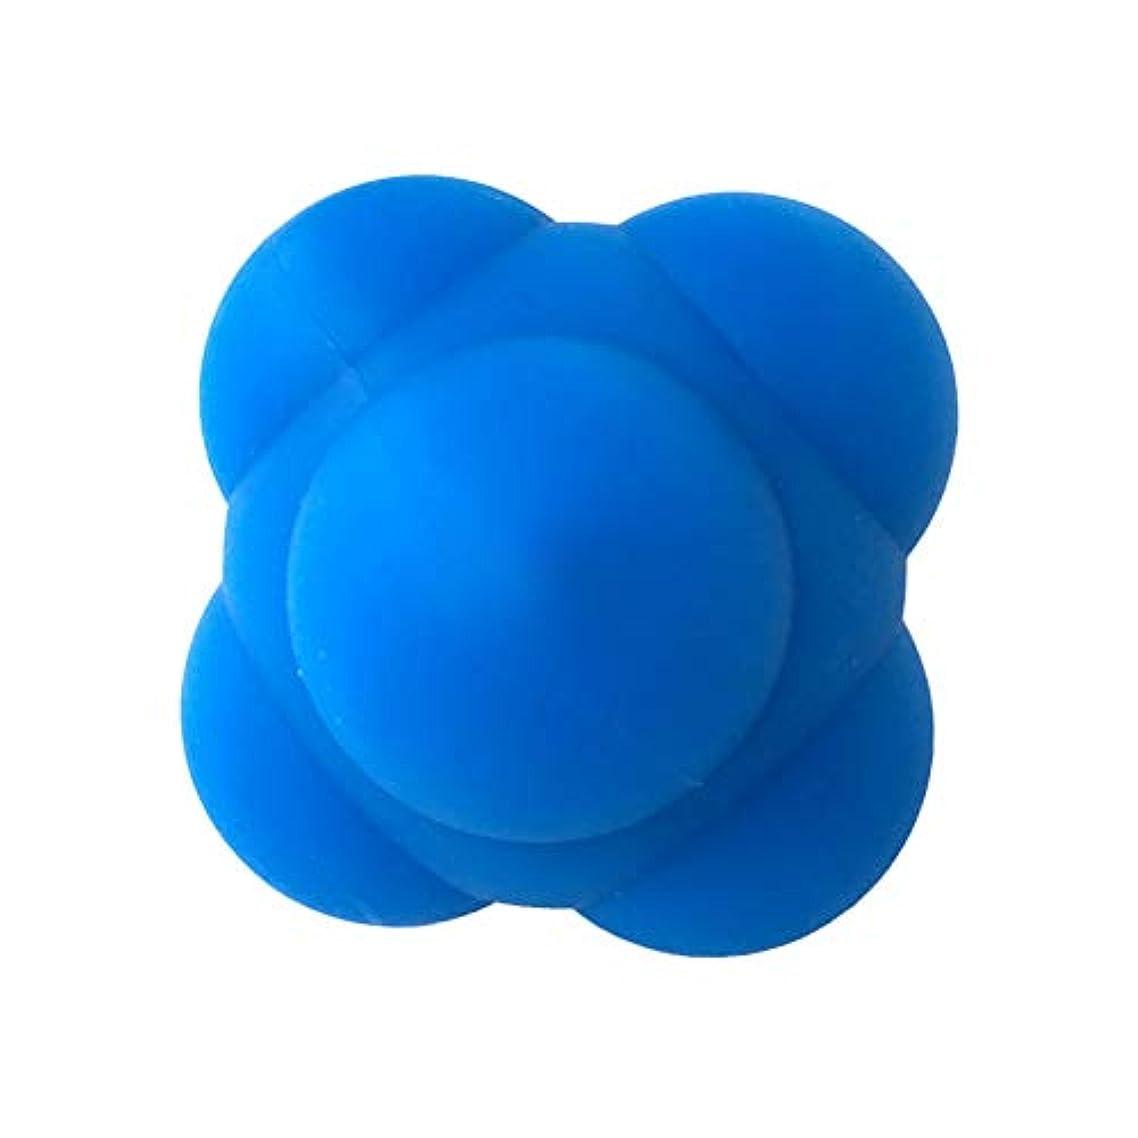 Healifty 体の管理ボールスポーツシリコン六角形のボールソリッドフィットネストレーニングエクササイズリアクションボール素早さと敏捷性トレーニングボール6cm(青)